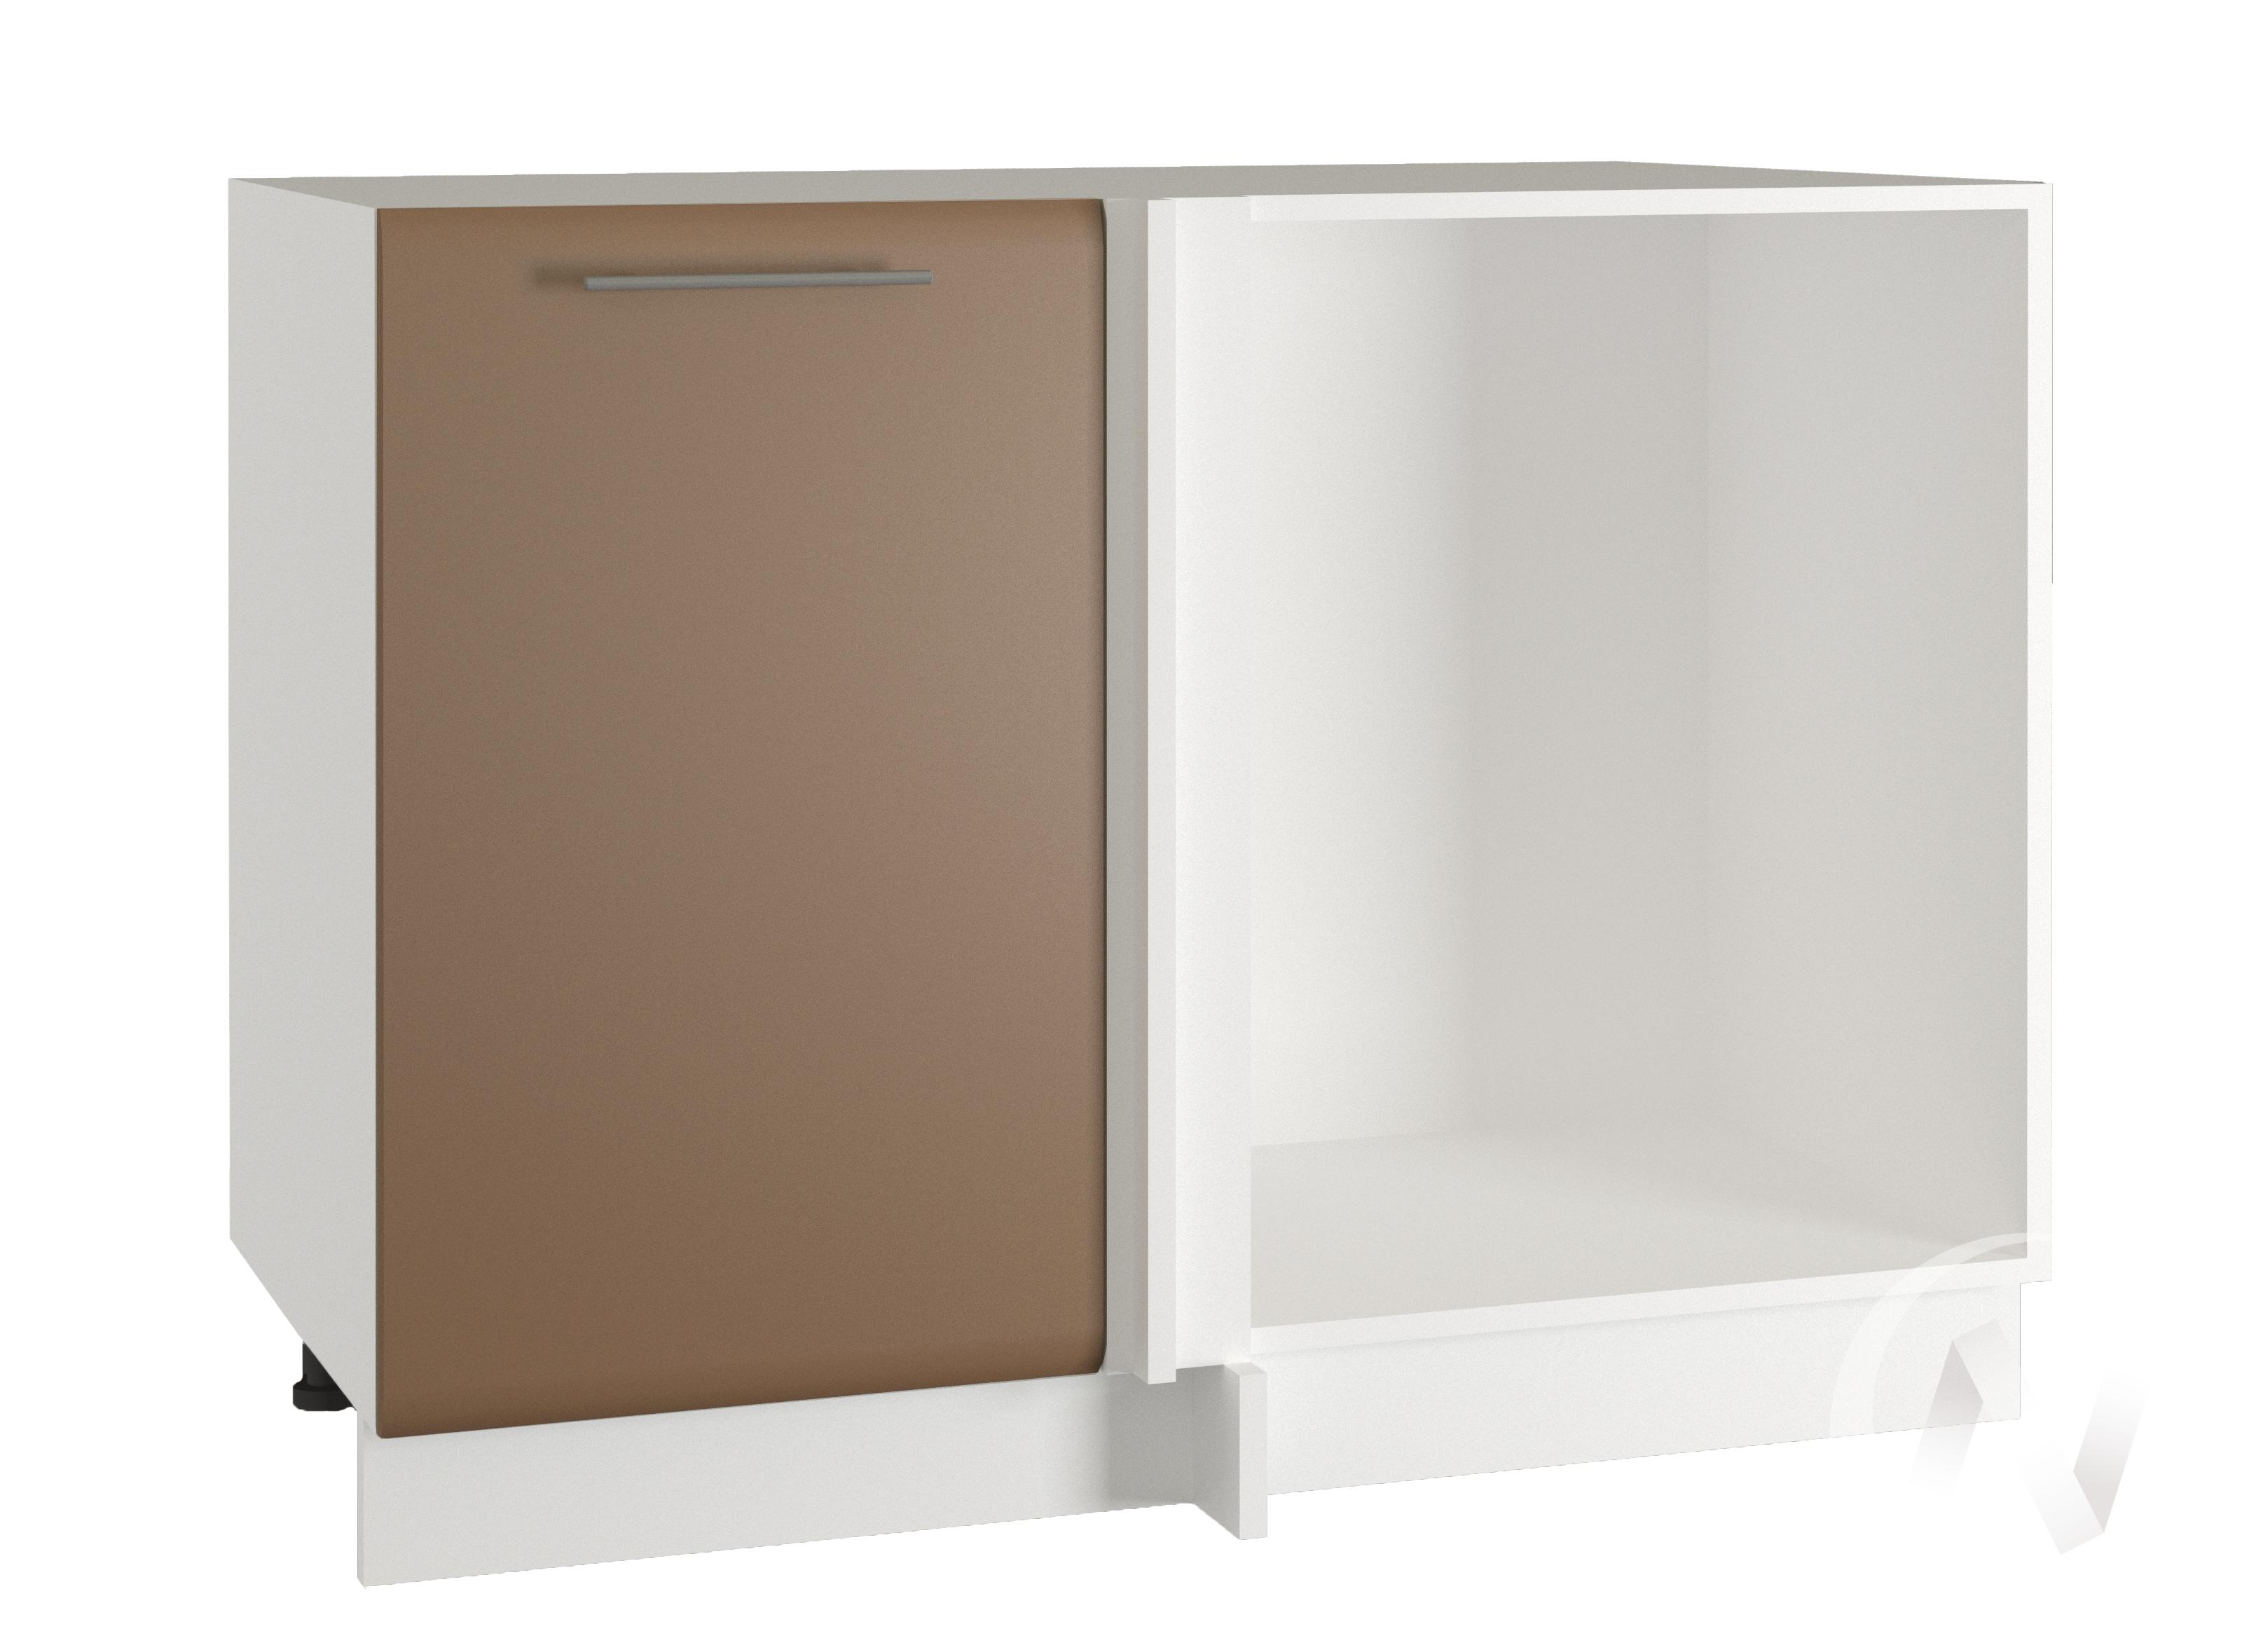 """Кухня """"Люкс"""": Шкаф нижний угловой 990, ШНУ 990 (Шоколад матовый/корпус белый)"""